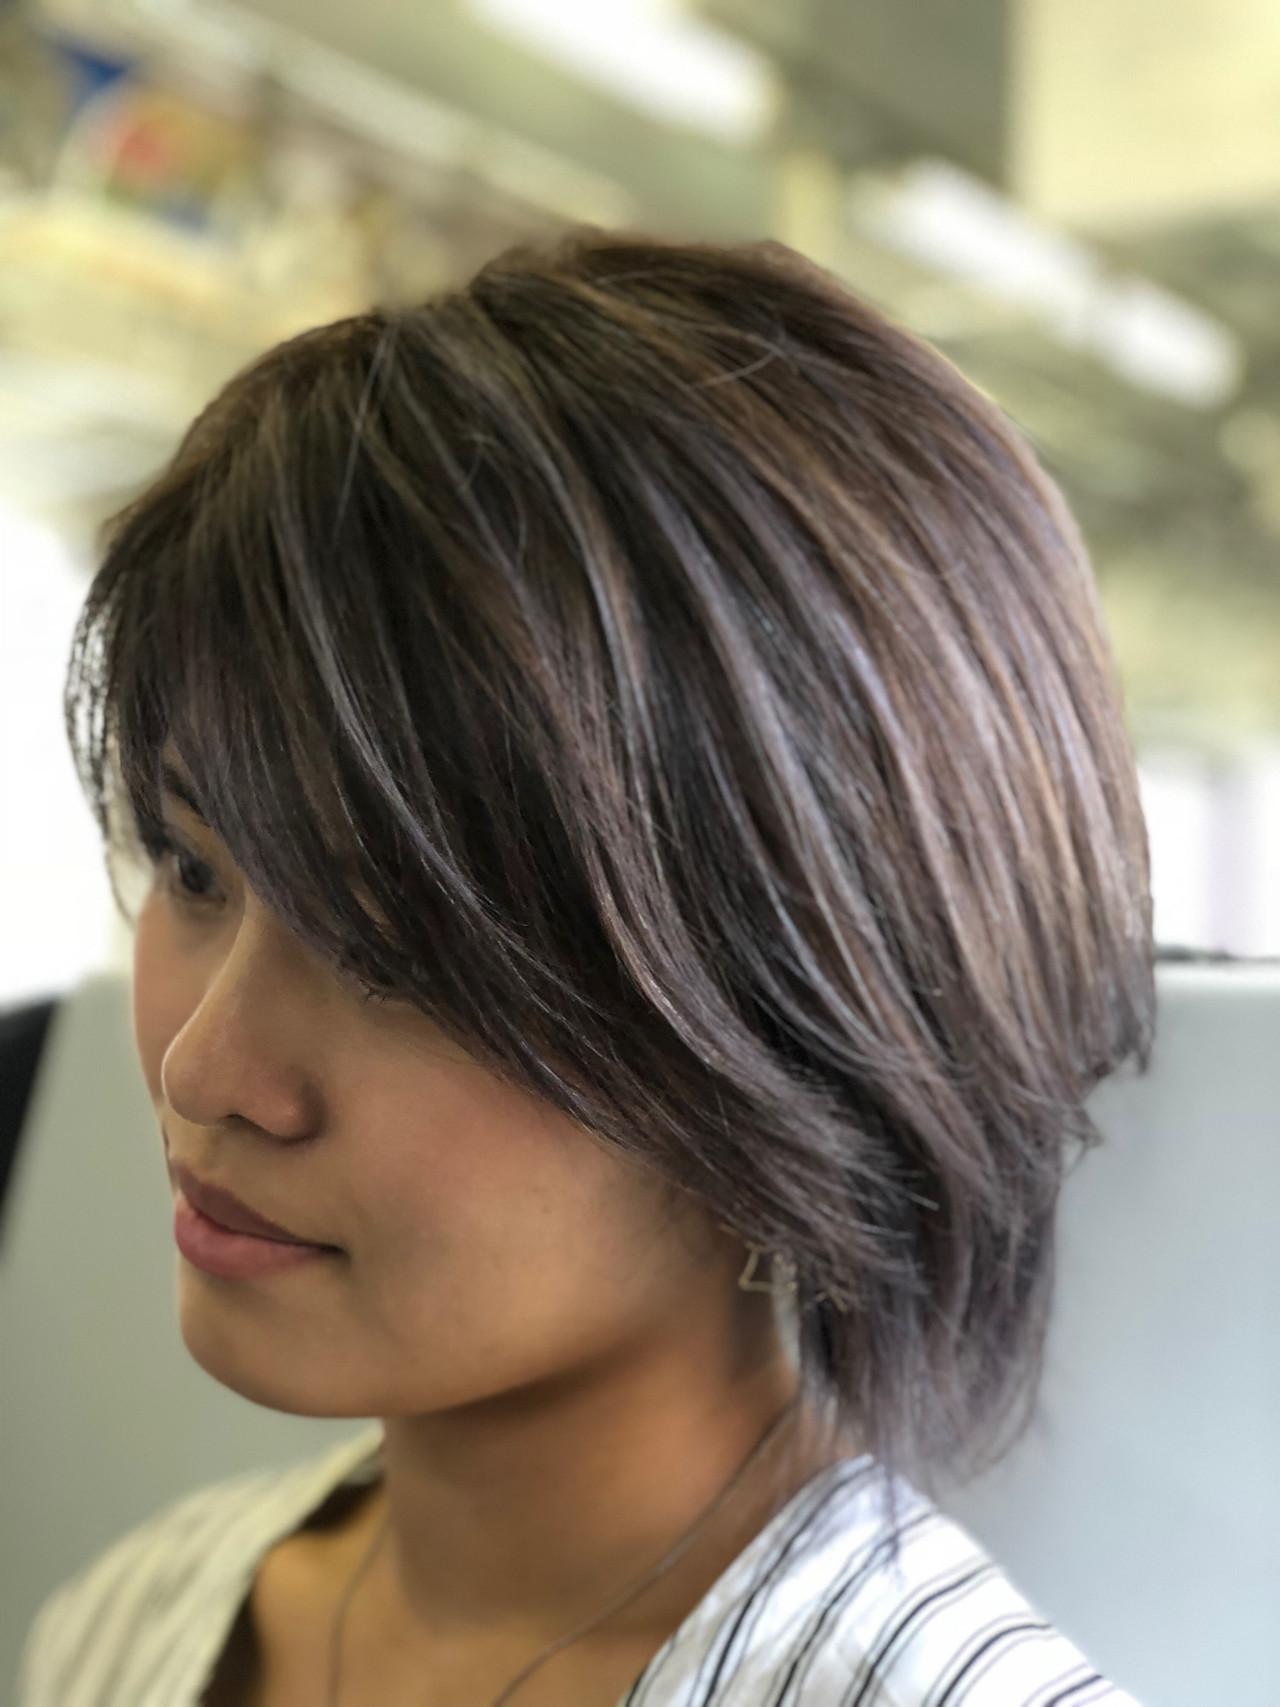 バレイヤージュ スウィングレイヤー ショート アッシュグレイ ヘアスタイルや髪型の写真・画像